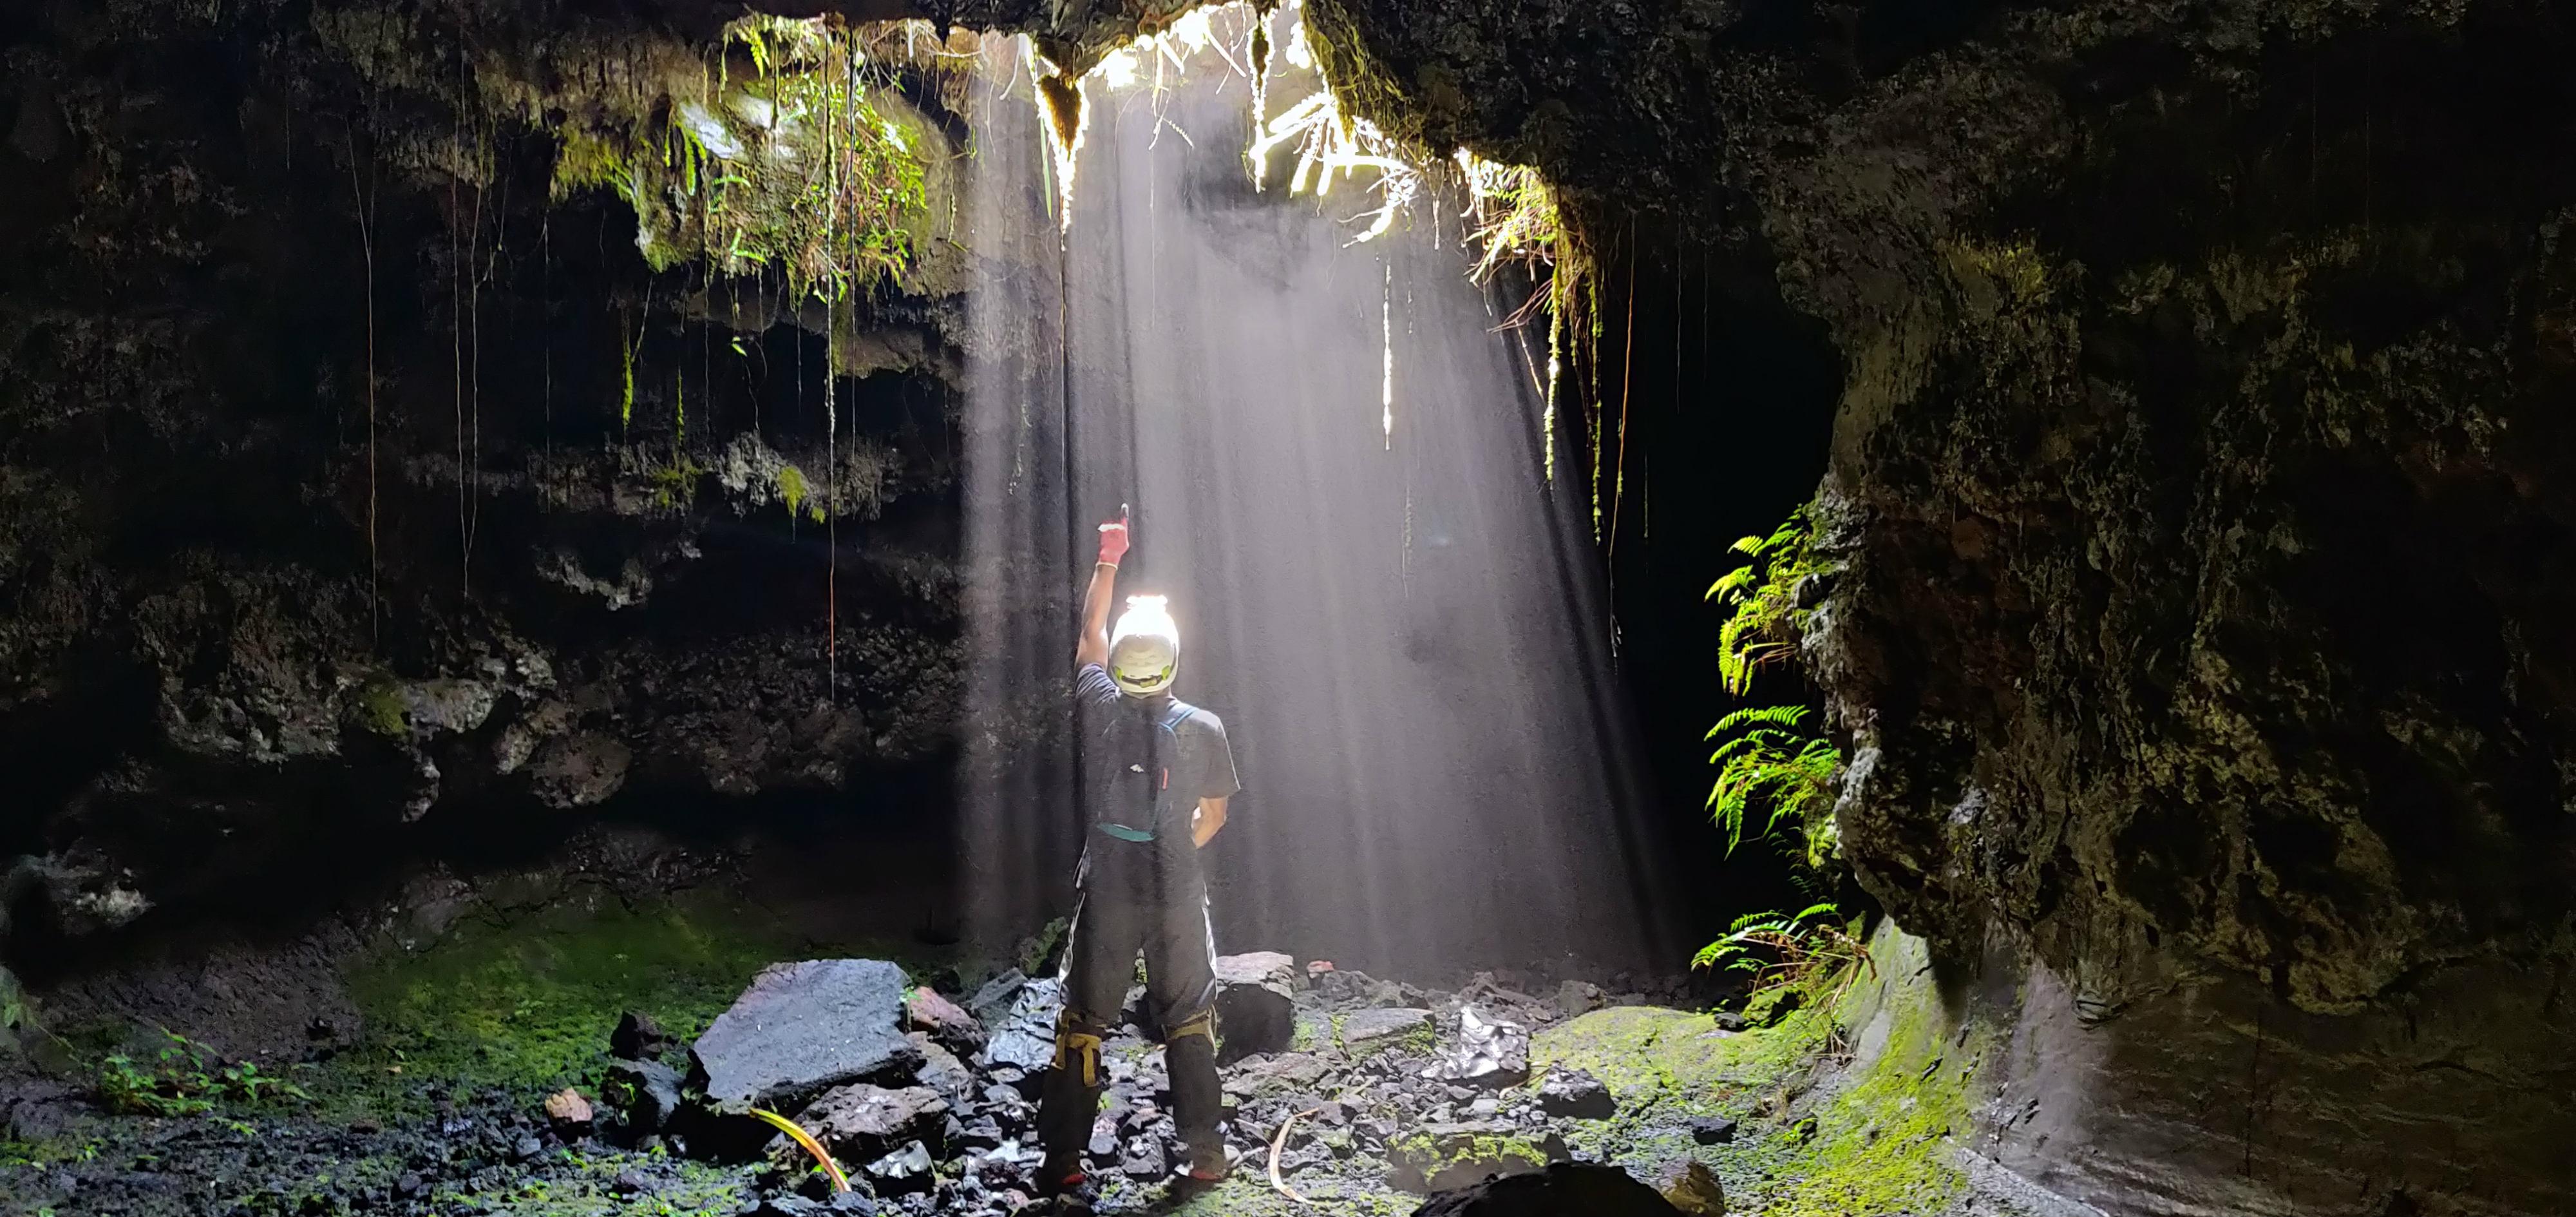 VOLCANORUN - VISITE DU TUNNEL DE LAVE BASSIN BLEU DE ST GILLES, les randonnées et les visites guidées, Agenda, Saint-Gilles-Les-Bains, Office de Tourisme de La Réunion, Ouest La Réunion 974